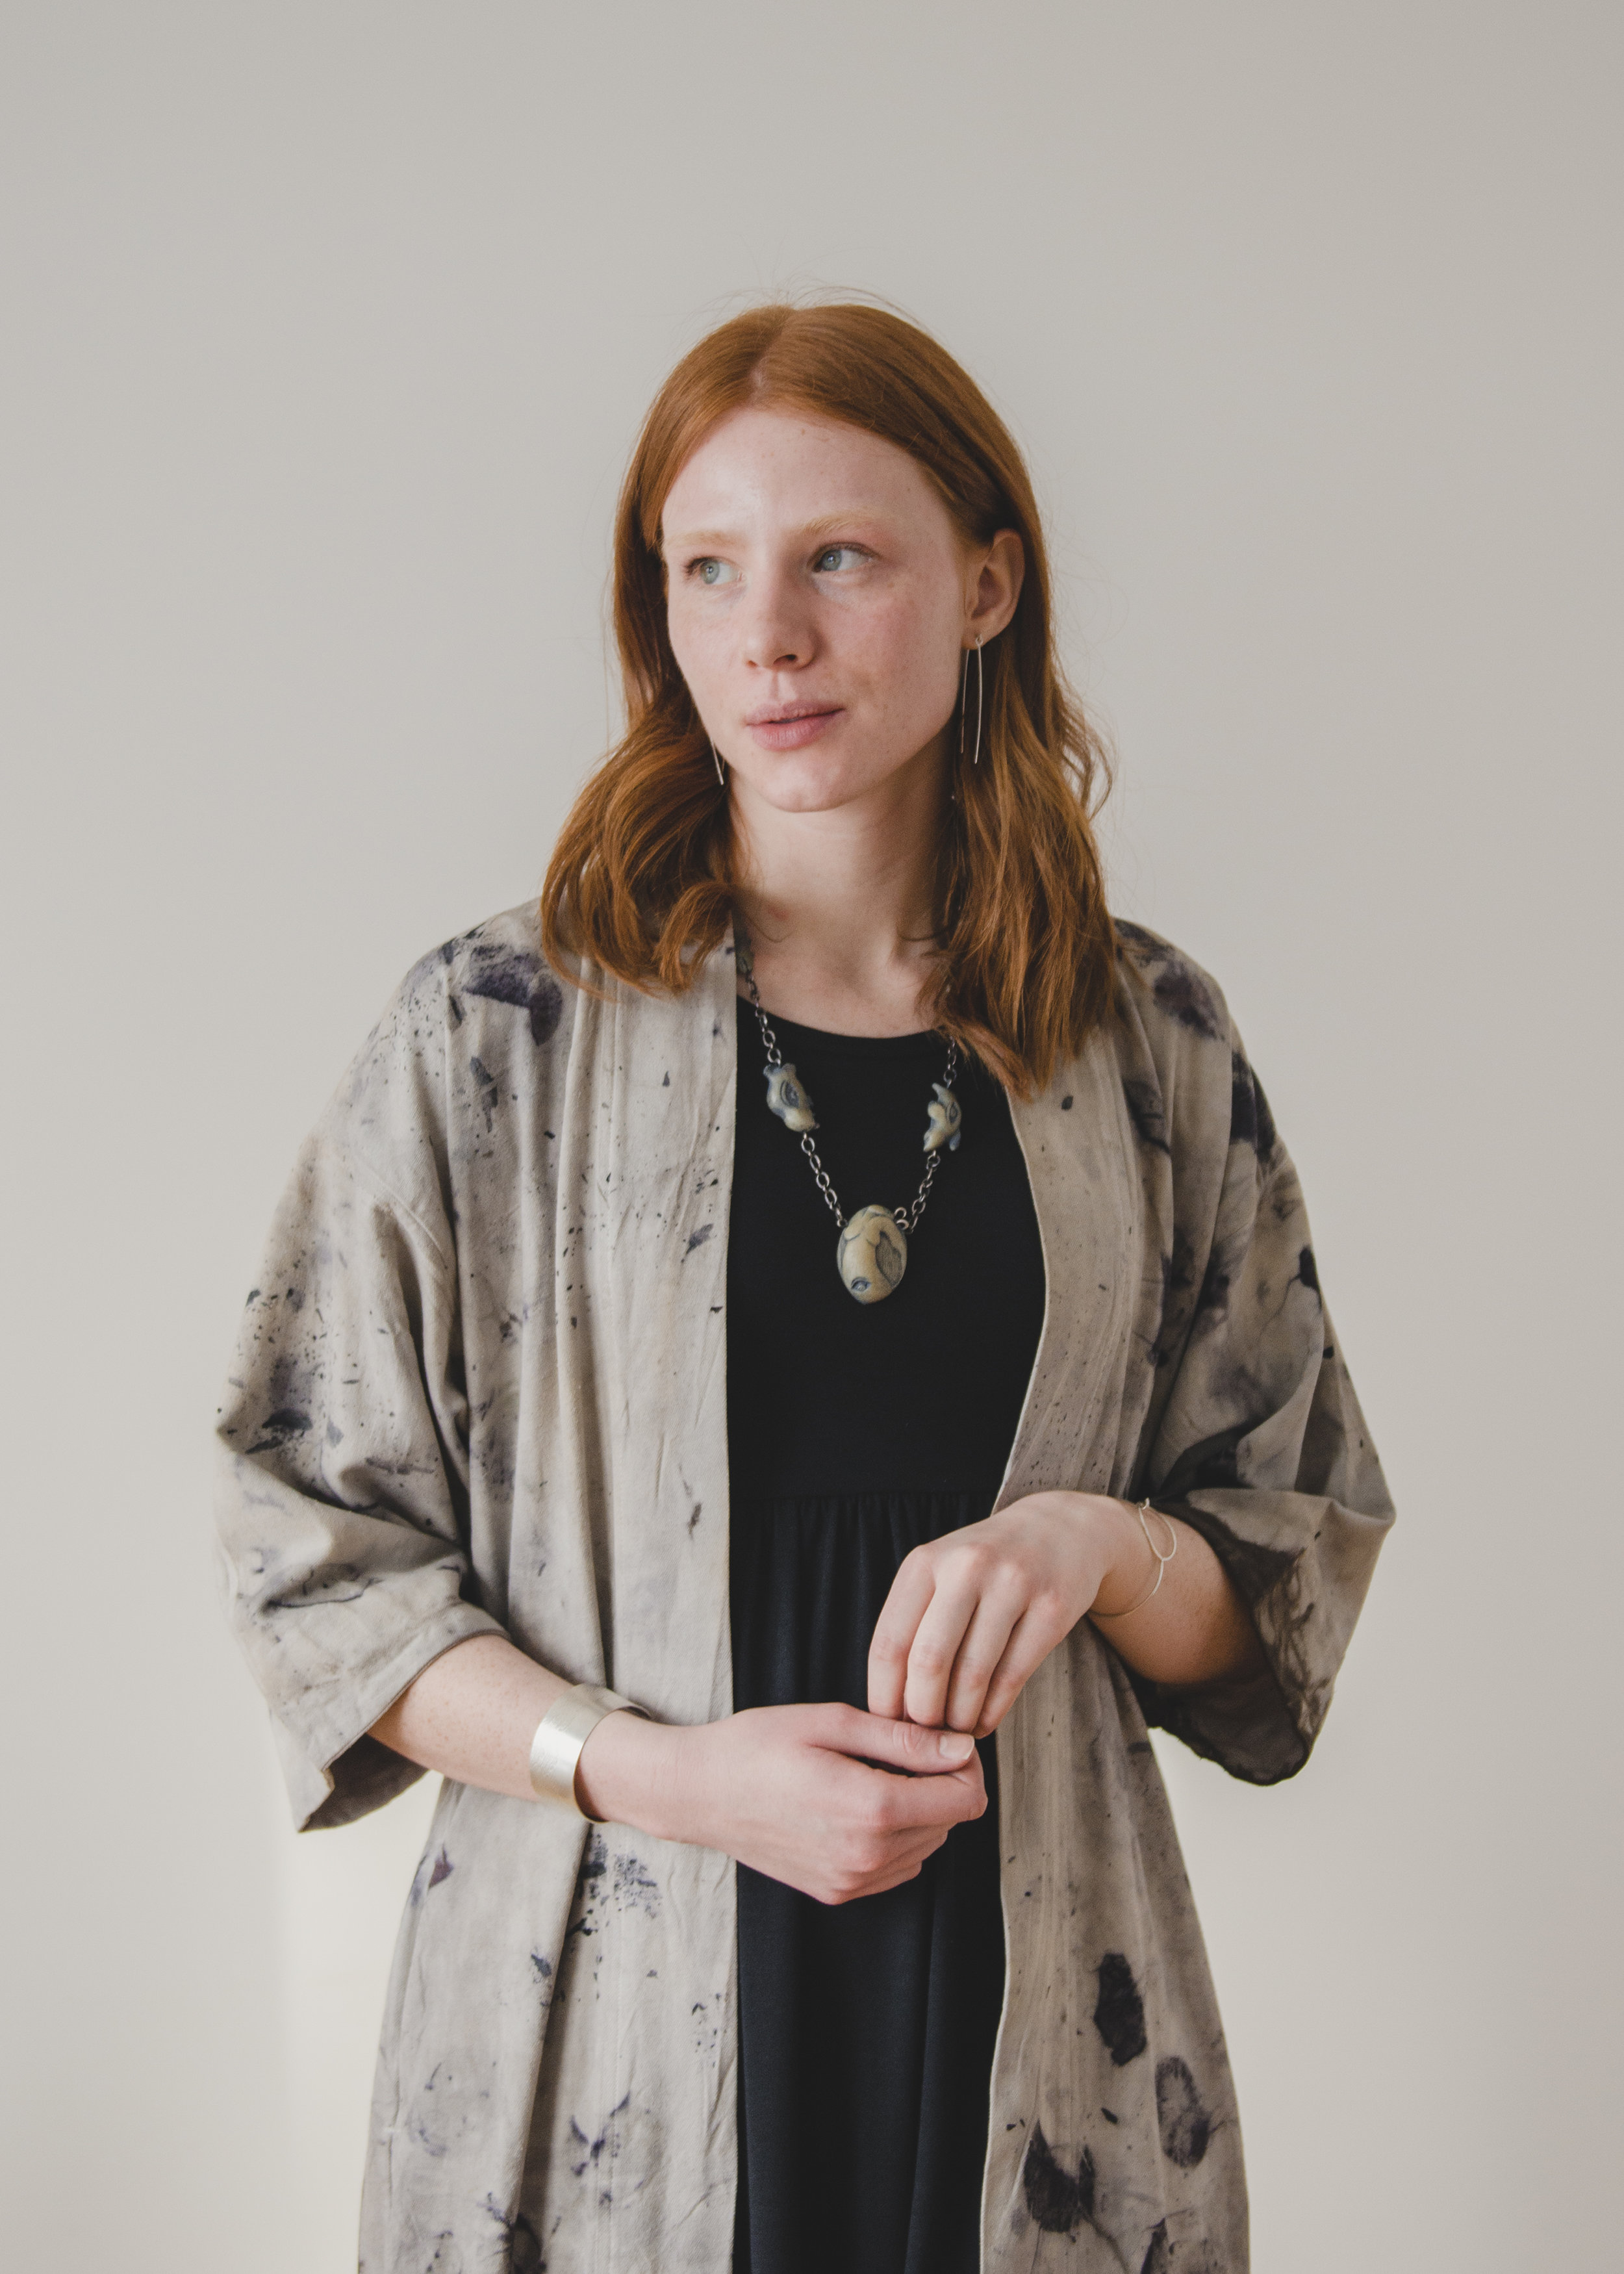 Japanese-inspired Workwear Jacket: Irene Rasetti  Ethical Ivory Necklace:  Shona Rae  Dress: Buttercream Clothing  Earrings: Kari Woo  Photography:  Ally C Tran   Model:  Alexis Rose